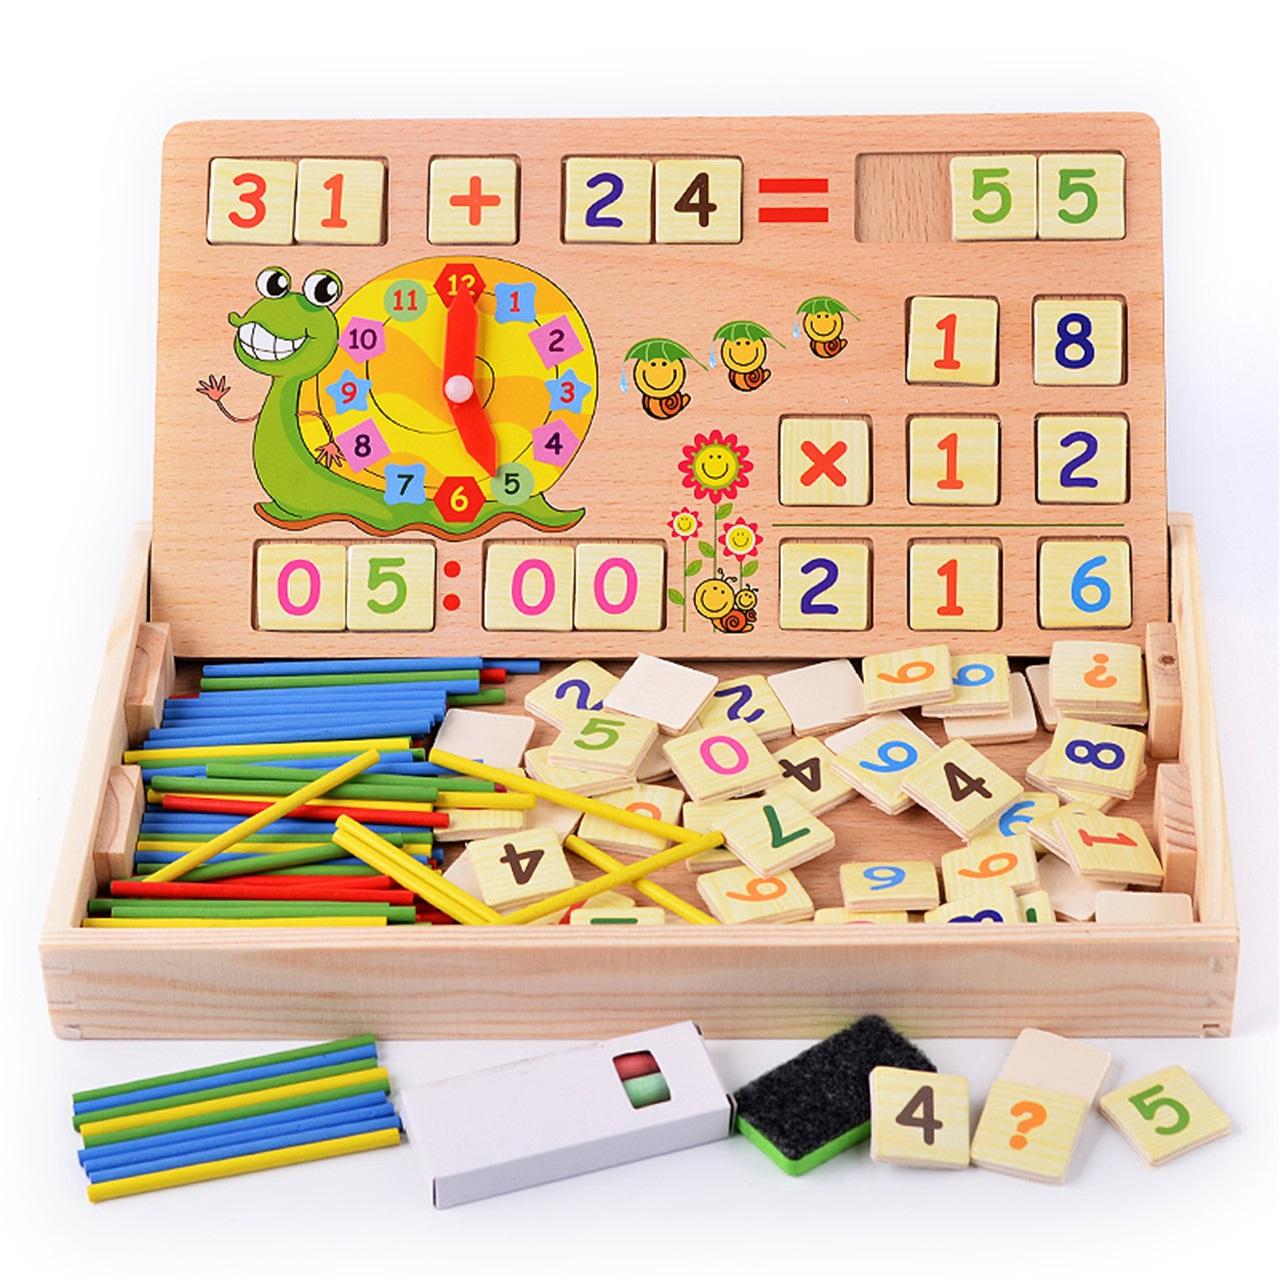 儿童数数棒算数棒幼儿园小学数字棒蒙氏数学教具加减法学习盒学前